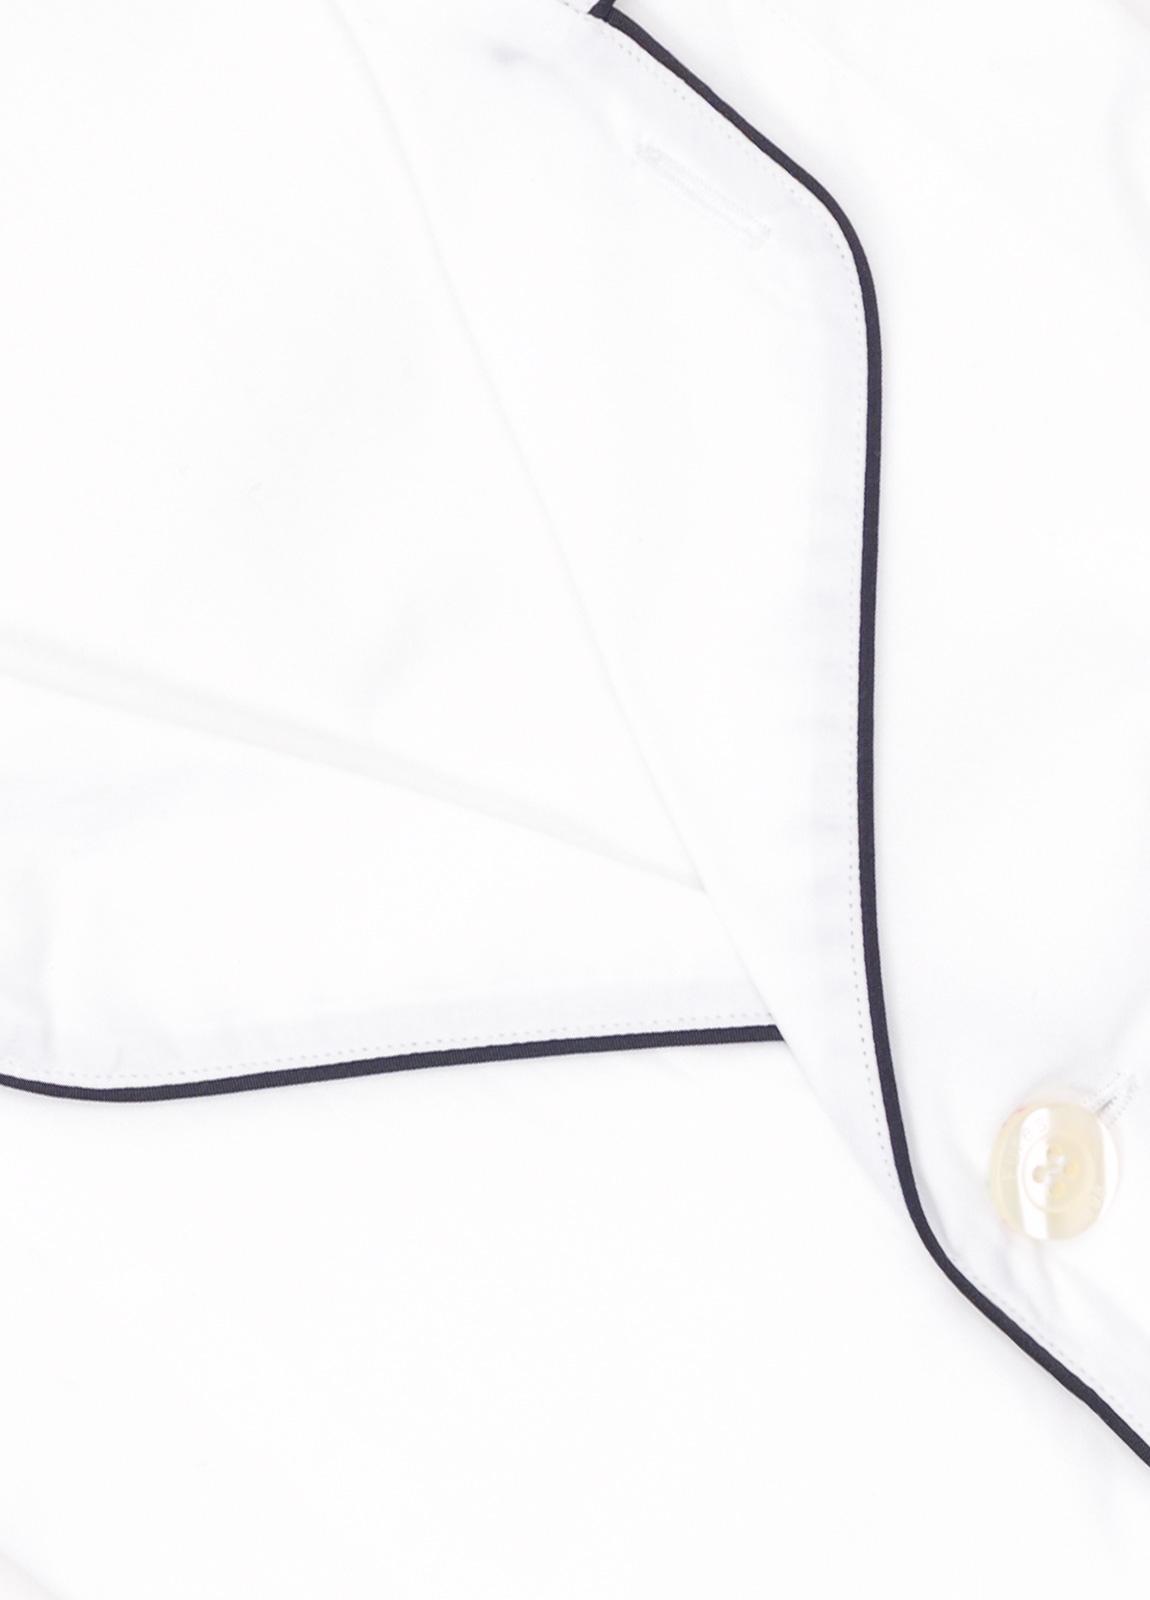 Pijama LARGO dos piezas, pantalón largo con cinta no elástica y funda incluida color blanco con vivos en contraste. 100% Algodón. - Ítem1